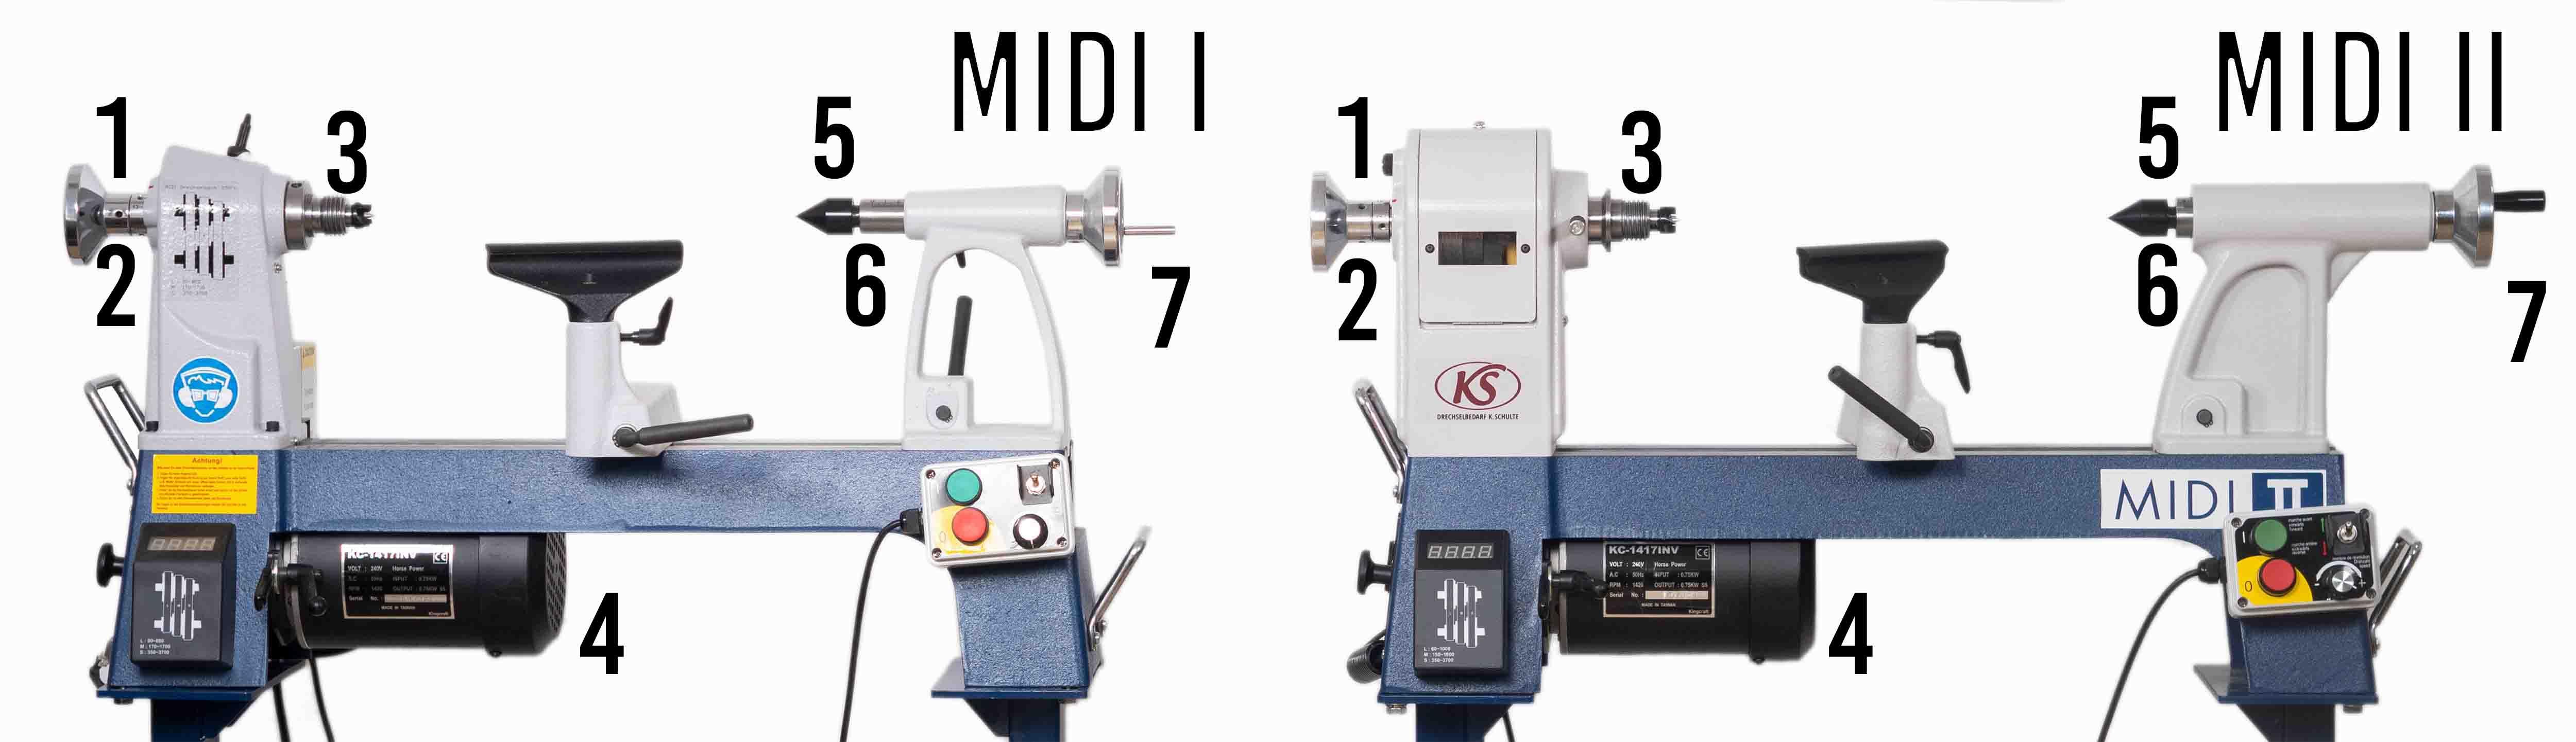 midi_1_2_vergleich_total_mit-Nummer